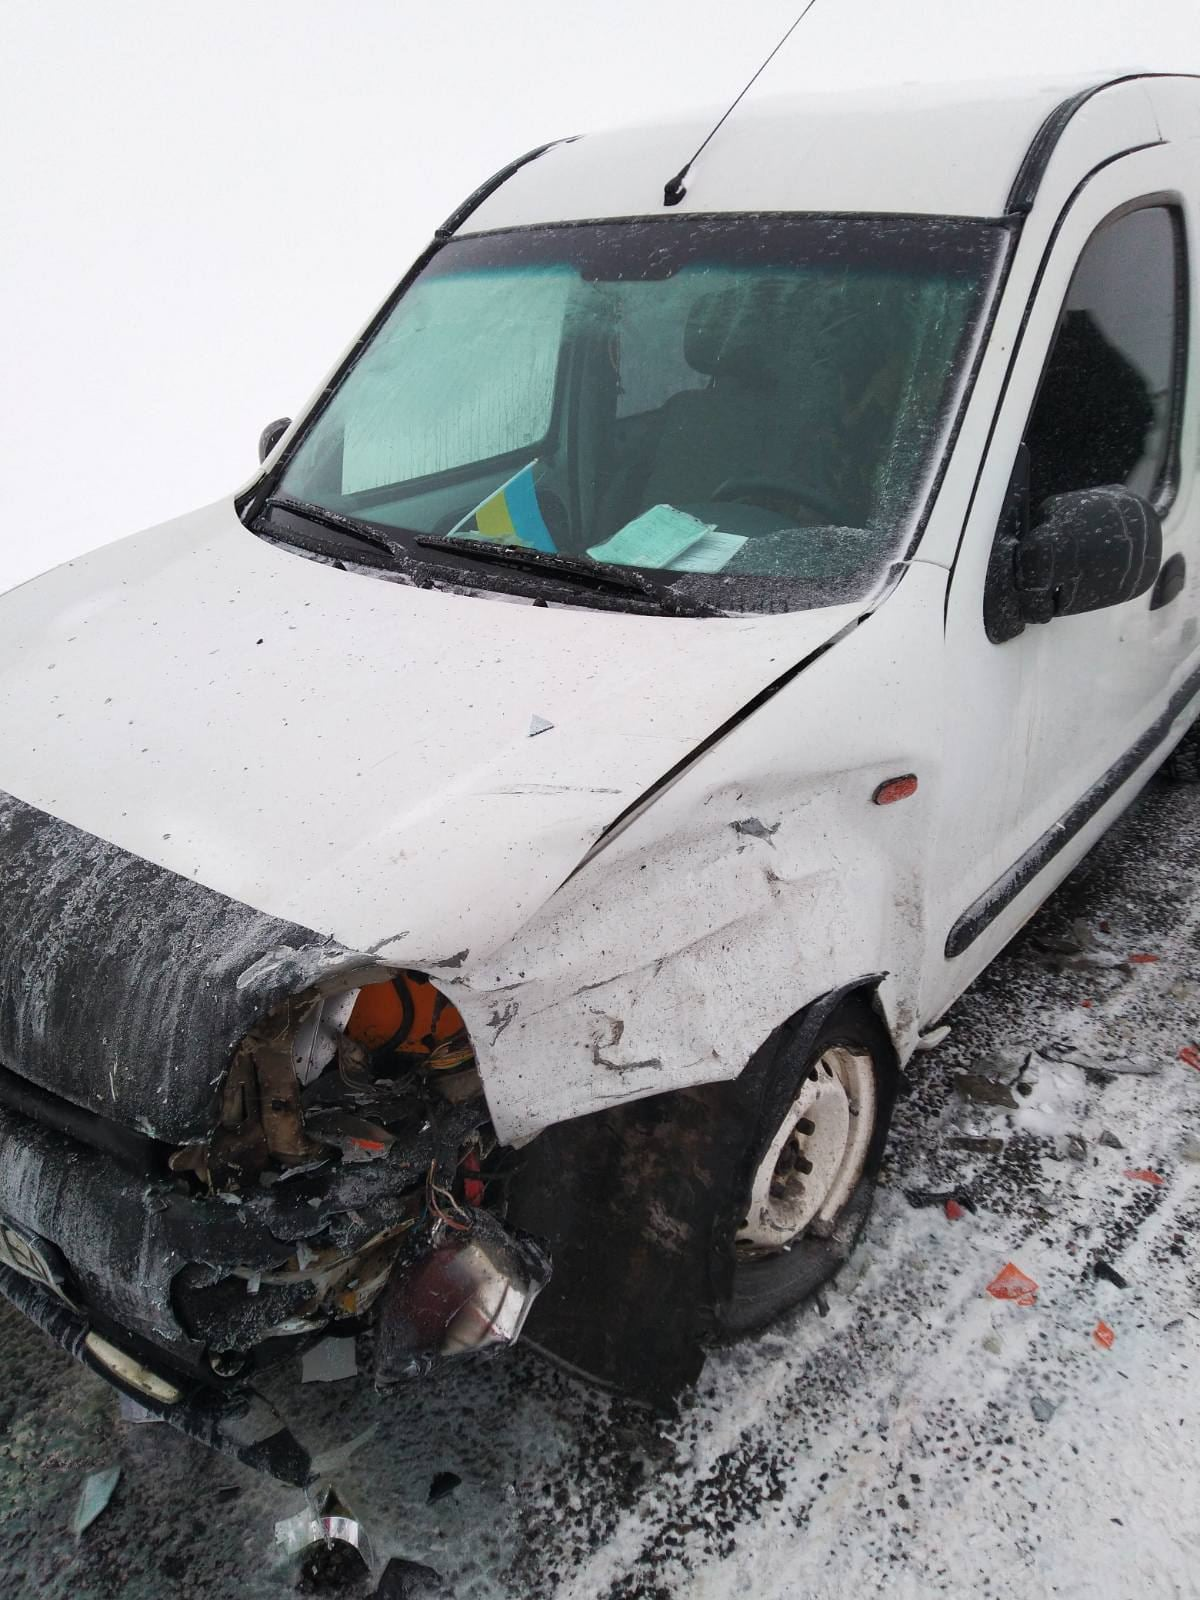 Шість постраждалих і одна смерть: черкаські медики рятували постраждалих в ДТП під час негоди (ФОТО)